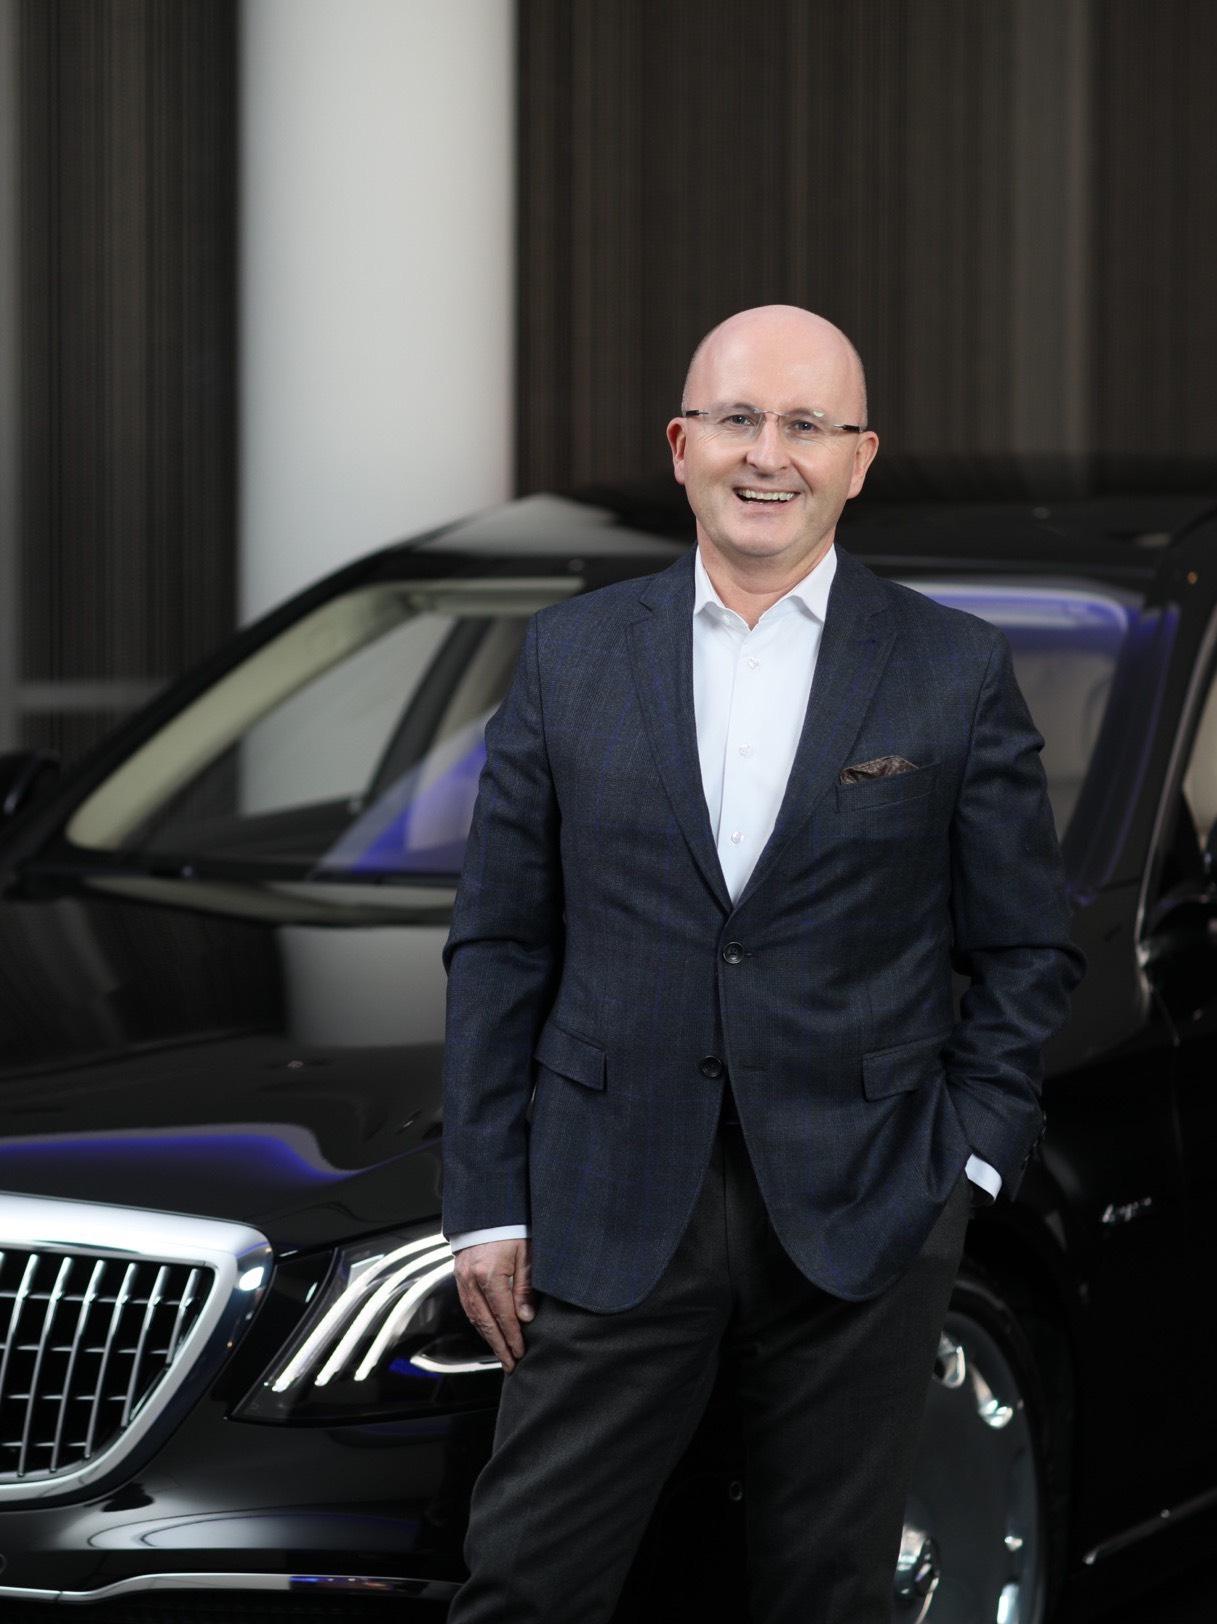 杨铭(Jan Madeja)先生将接任北京梅赛德斯-奔驰销售服务有限公司总裁兼首席执行官